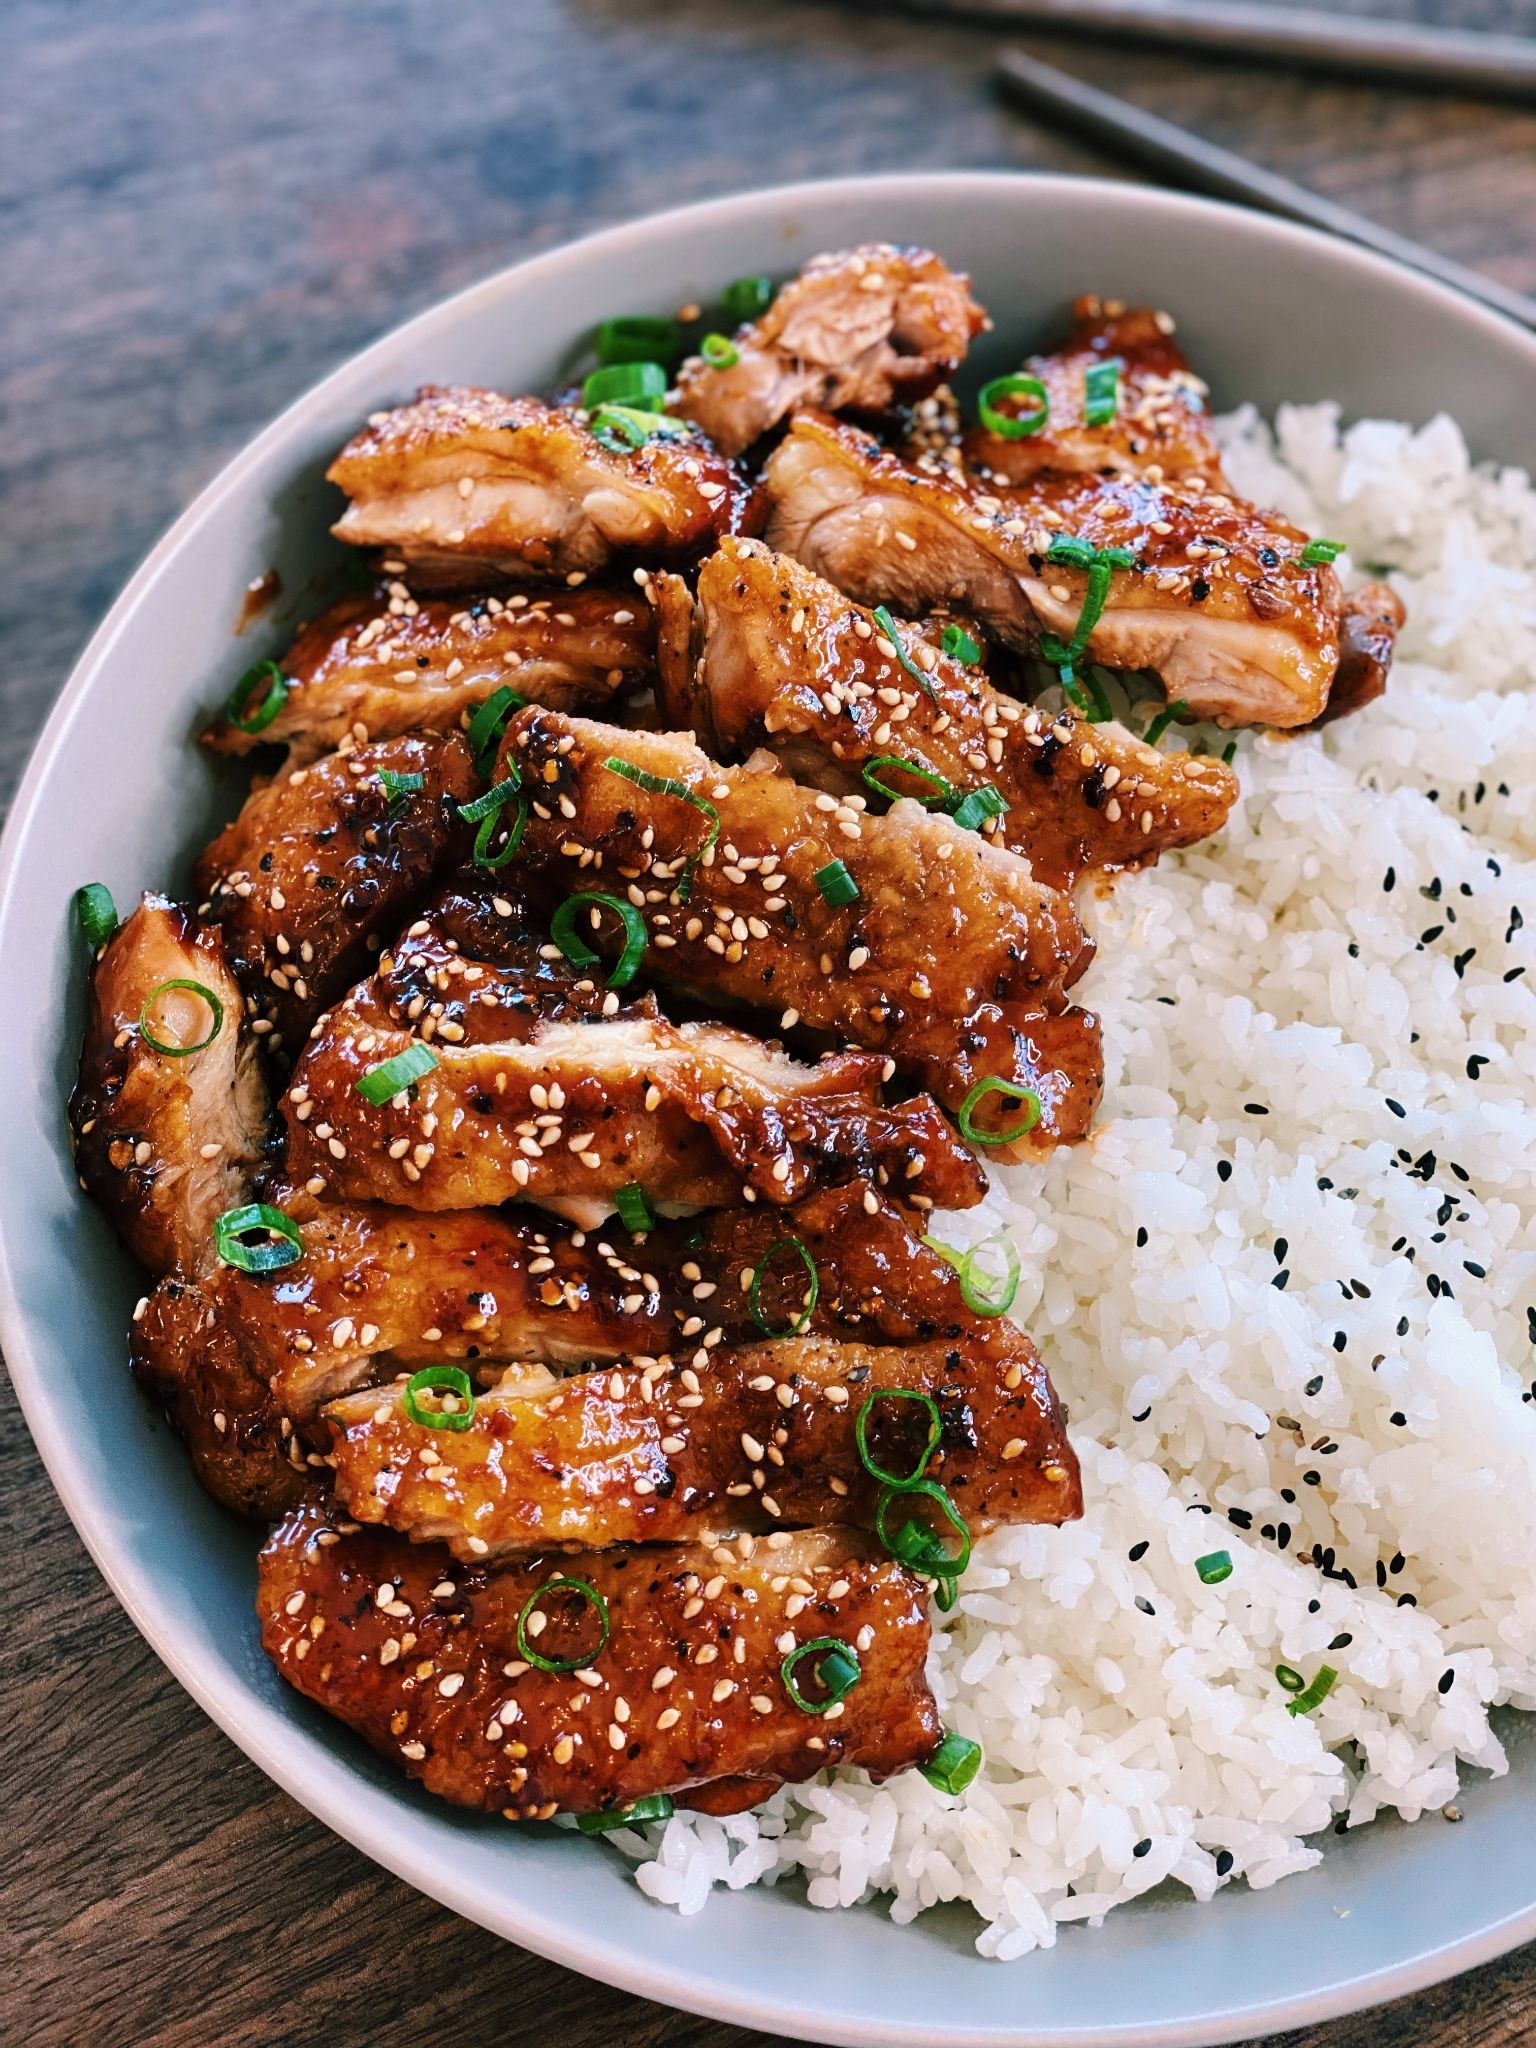 Garlic Black Pepper Chicken